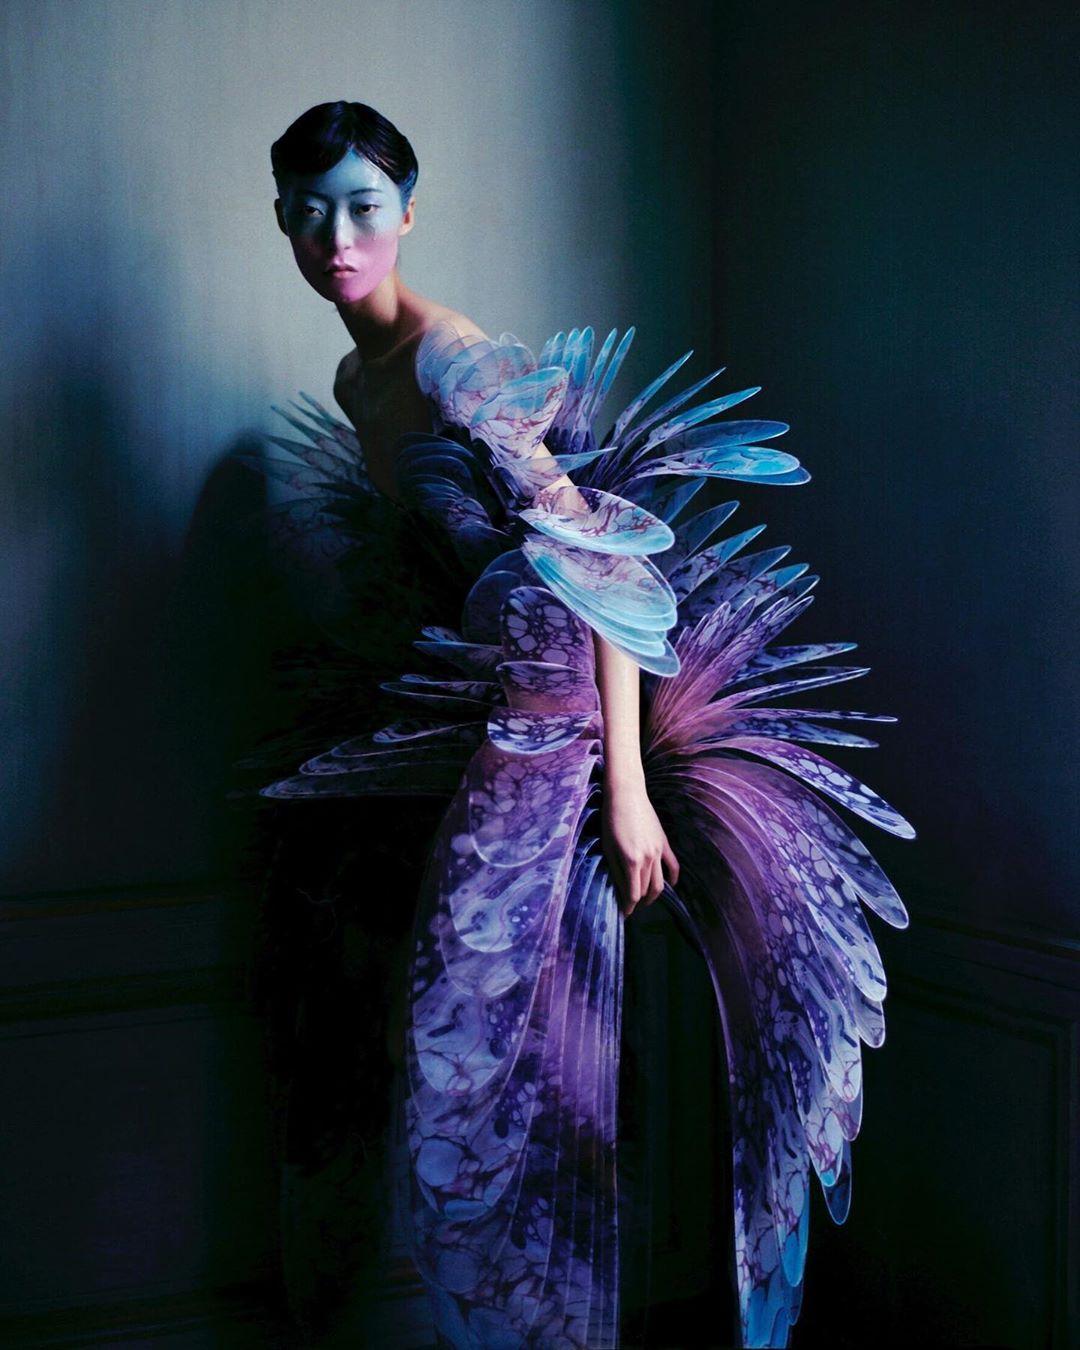 este es el estilo de iris van herpen para 2020 -El vestido 'Transmotion' 6